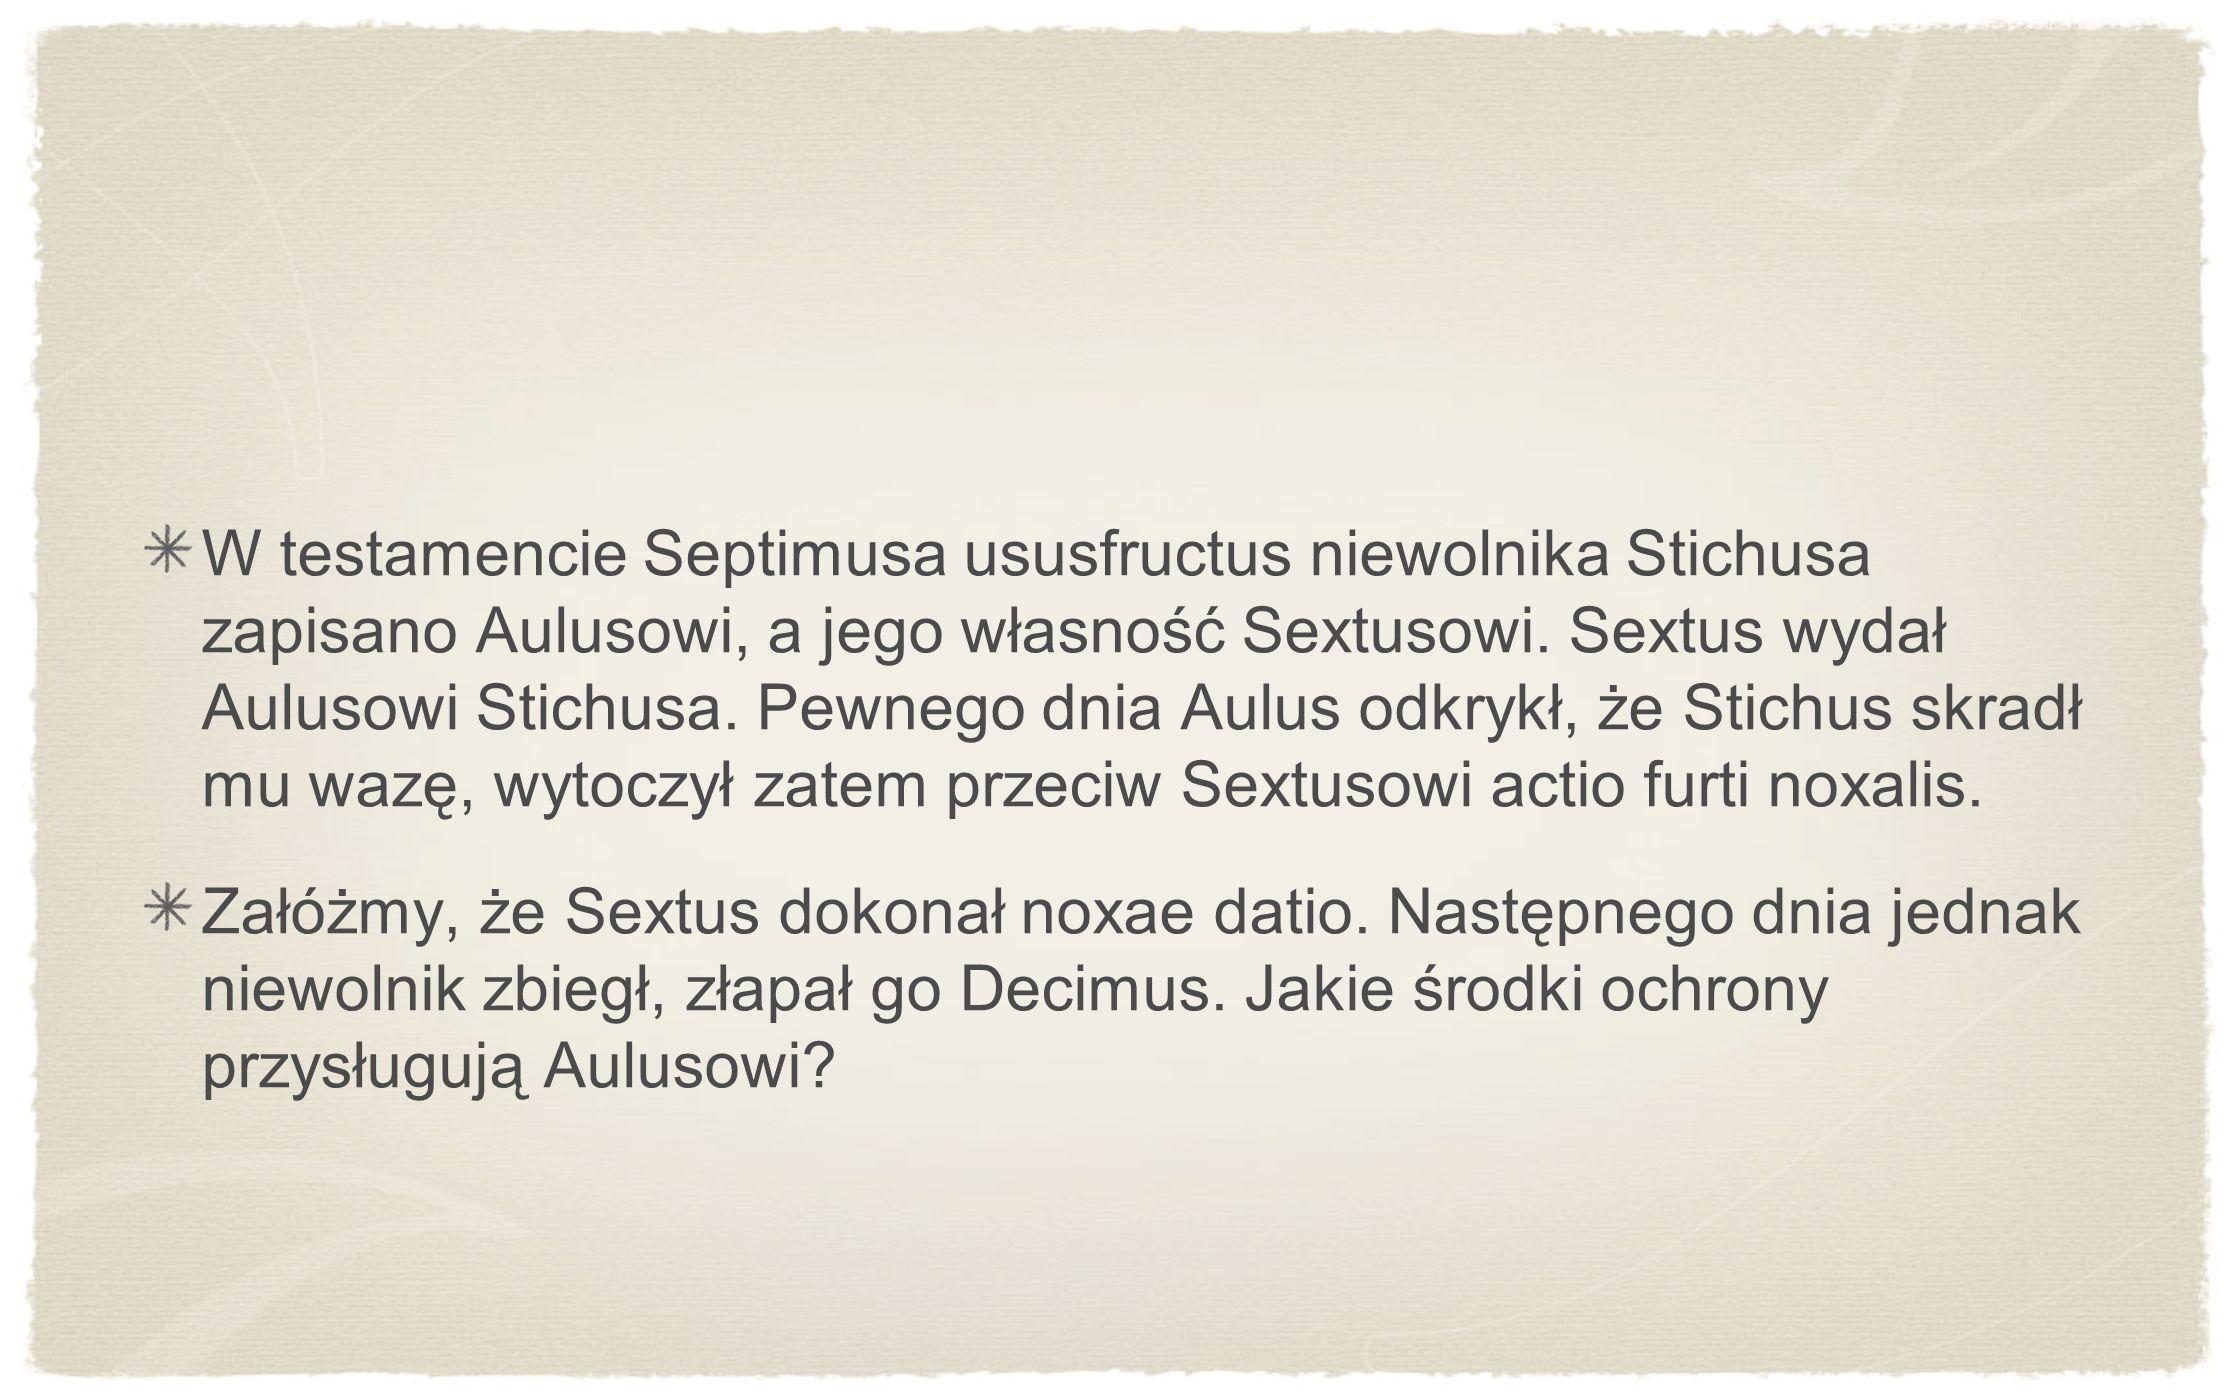 W testamencie Septimusa ususfructus niewolnika Stichusa zapisano Aulusowi, a jego własność Sextusowi. Sextus wydał Aulusowi Stichusa. Pewnego dnia Aulus odkrykł, że Stichus skradł mu wazę, wytoczył zatem przeciw Sextusowi actio furti noxalis.